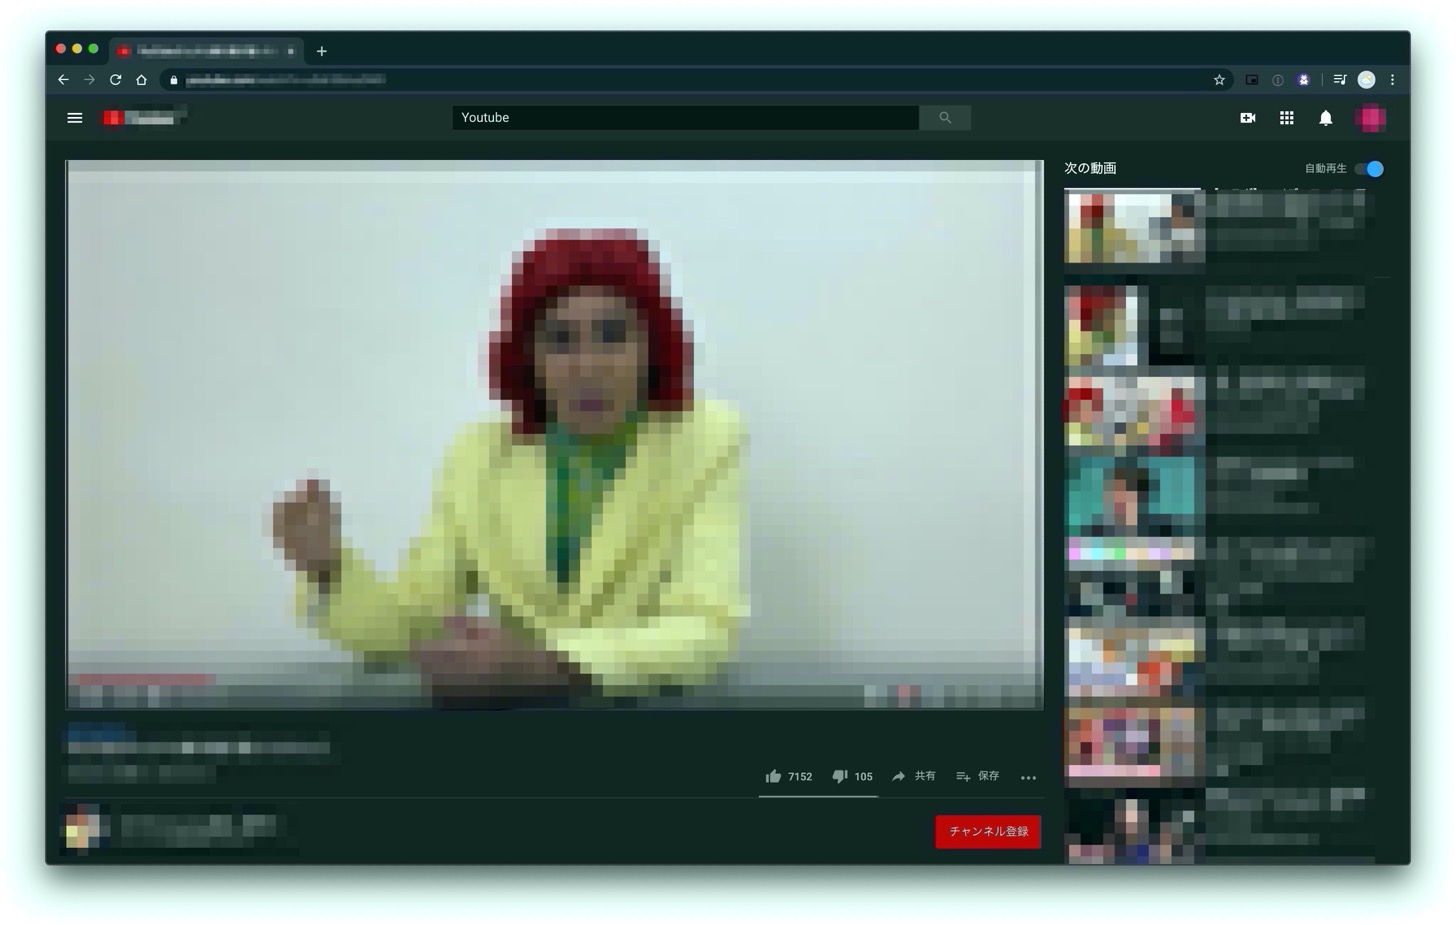 YouTubeの動画ページ